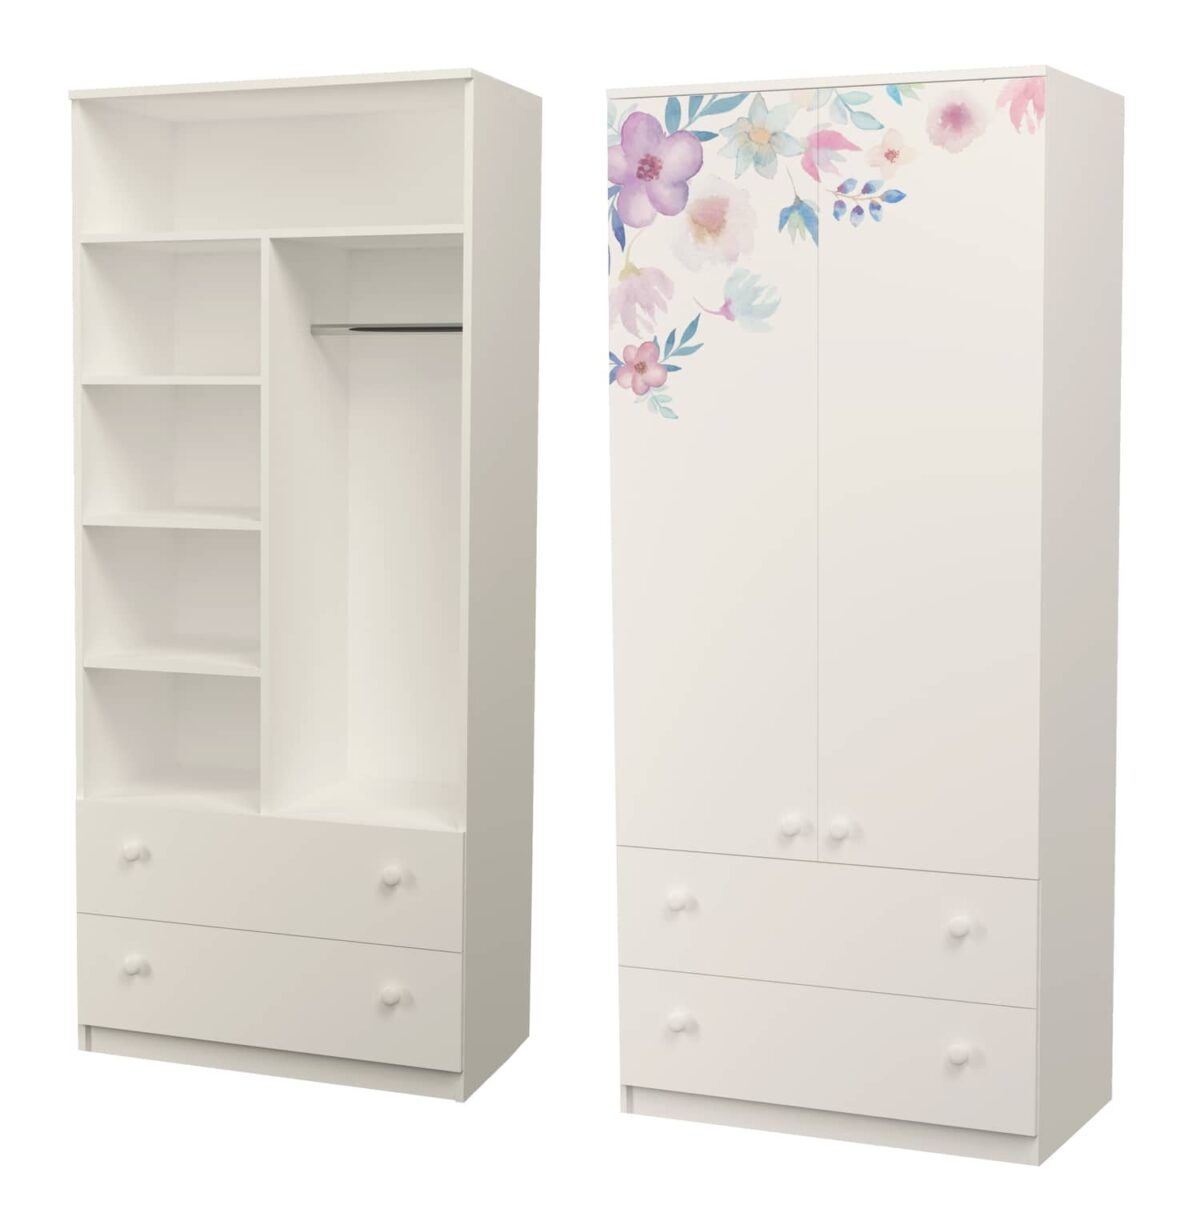 шкаф с полками и трубой цветы